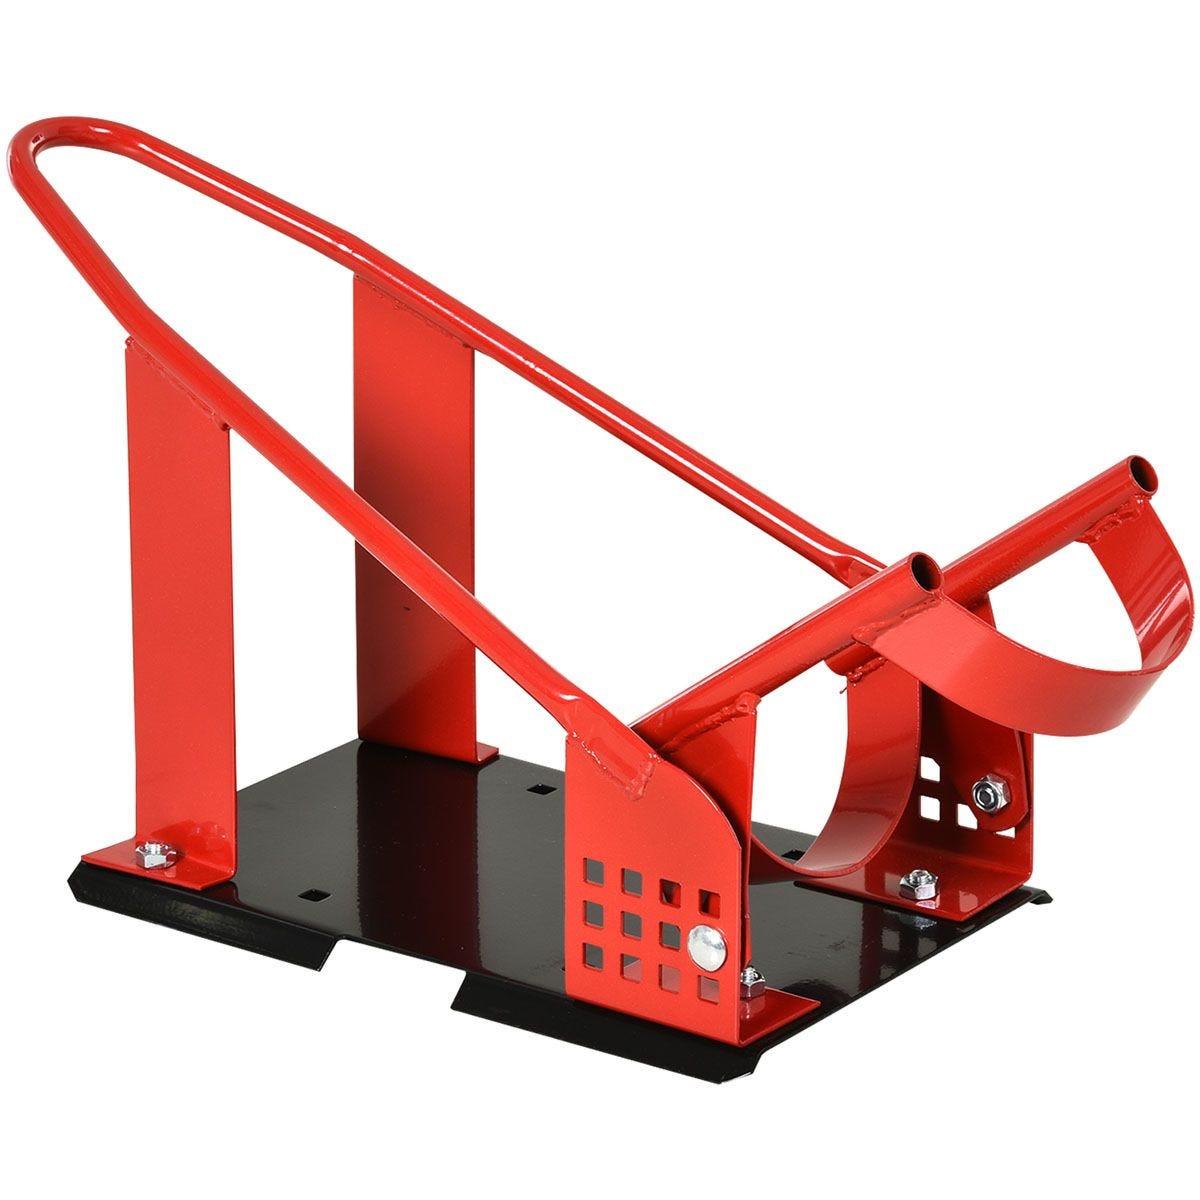 HOMCOM Steel Freestanding Motorcycle Wheel Chock - Red